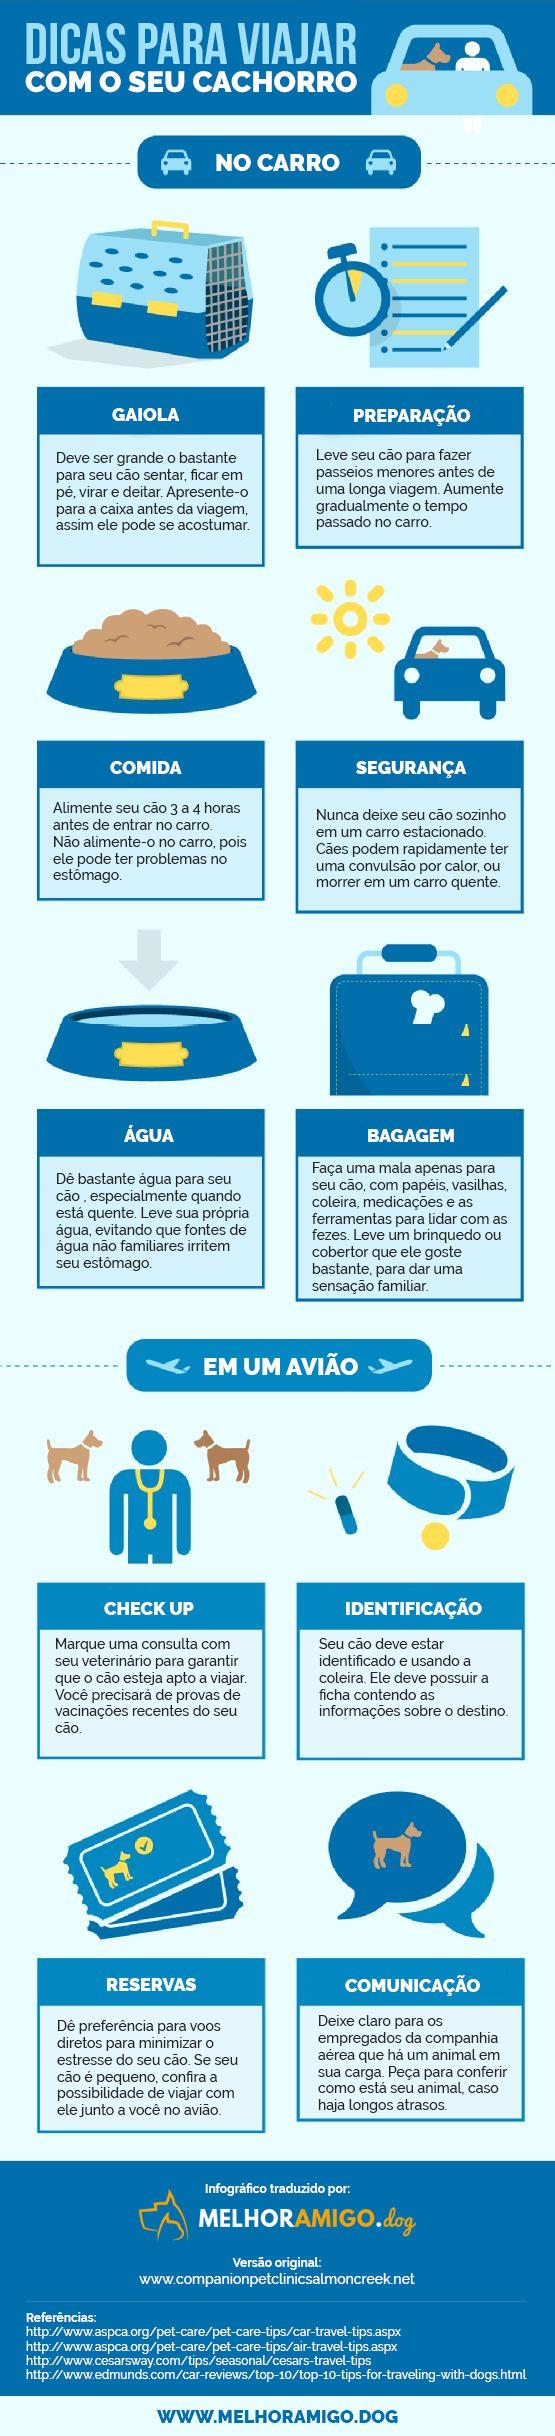 infográfico com dicas para viajar com seu cachorro